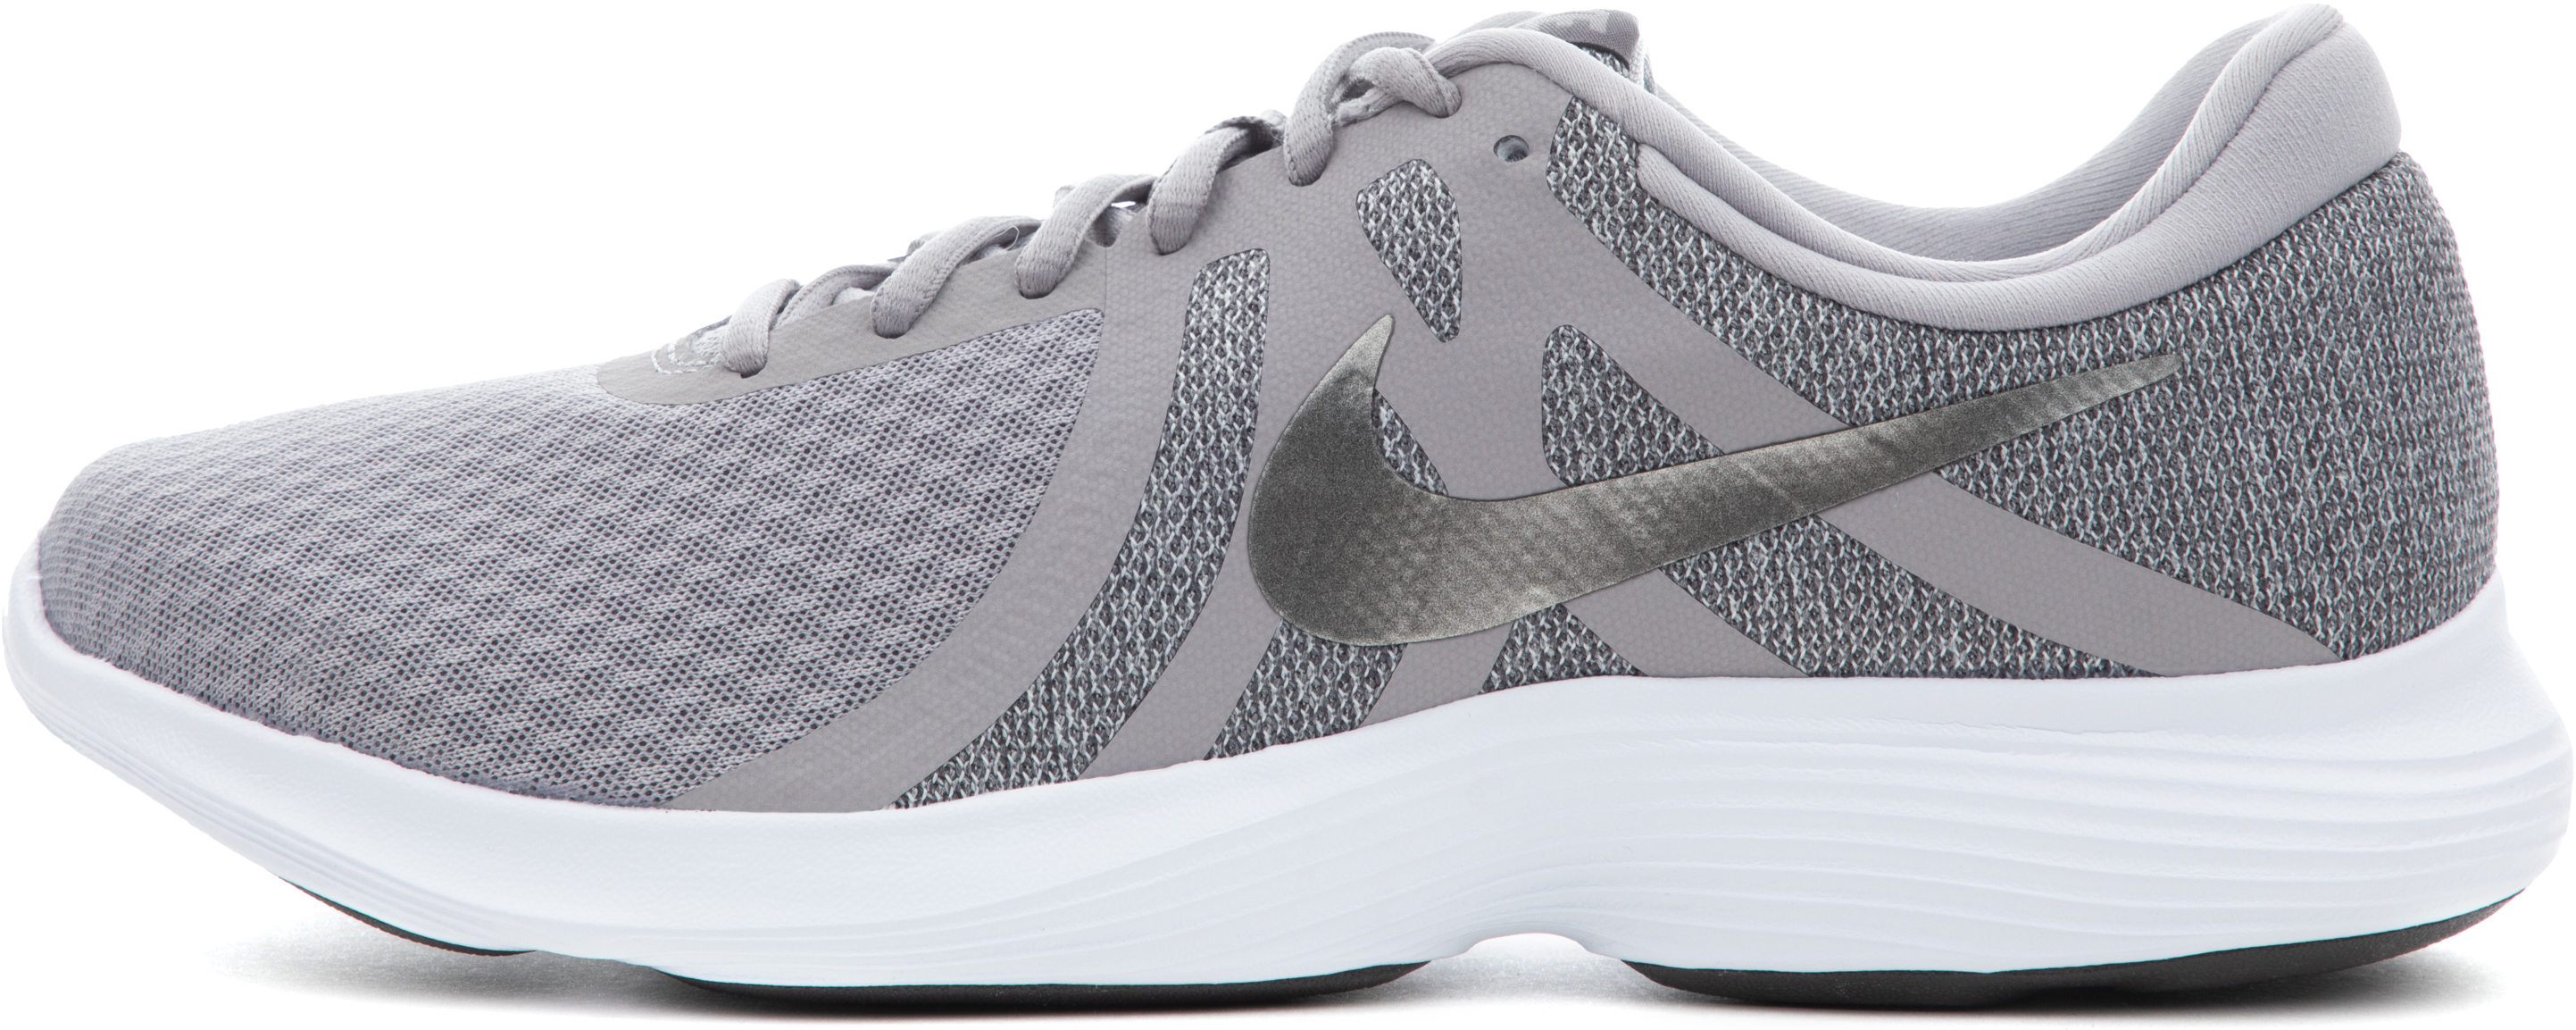 цена Nike Кроссовки мужские Nike Revolution 4, размер 45 онлайн в 2017 году